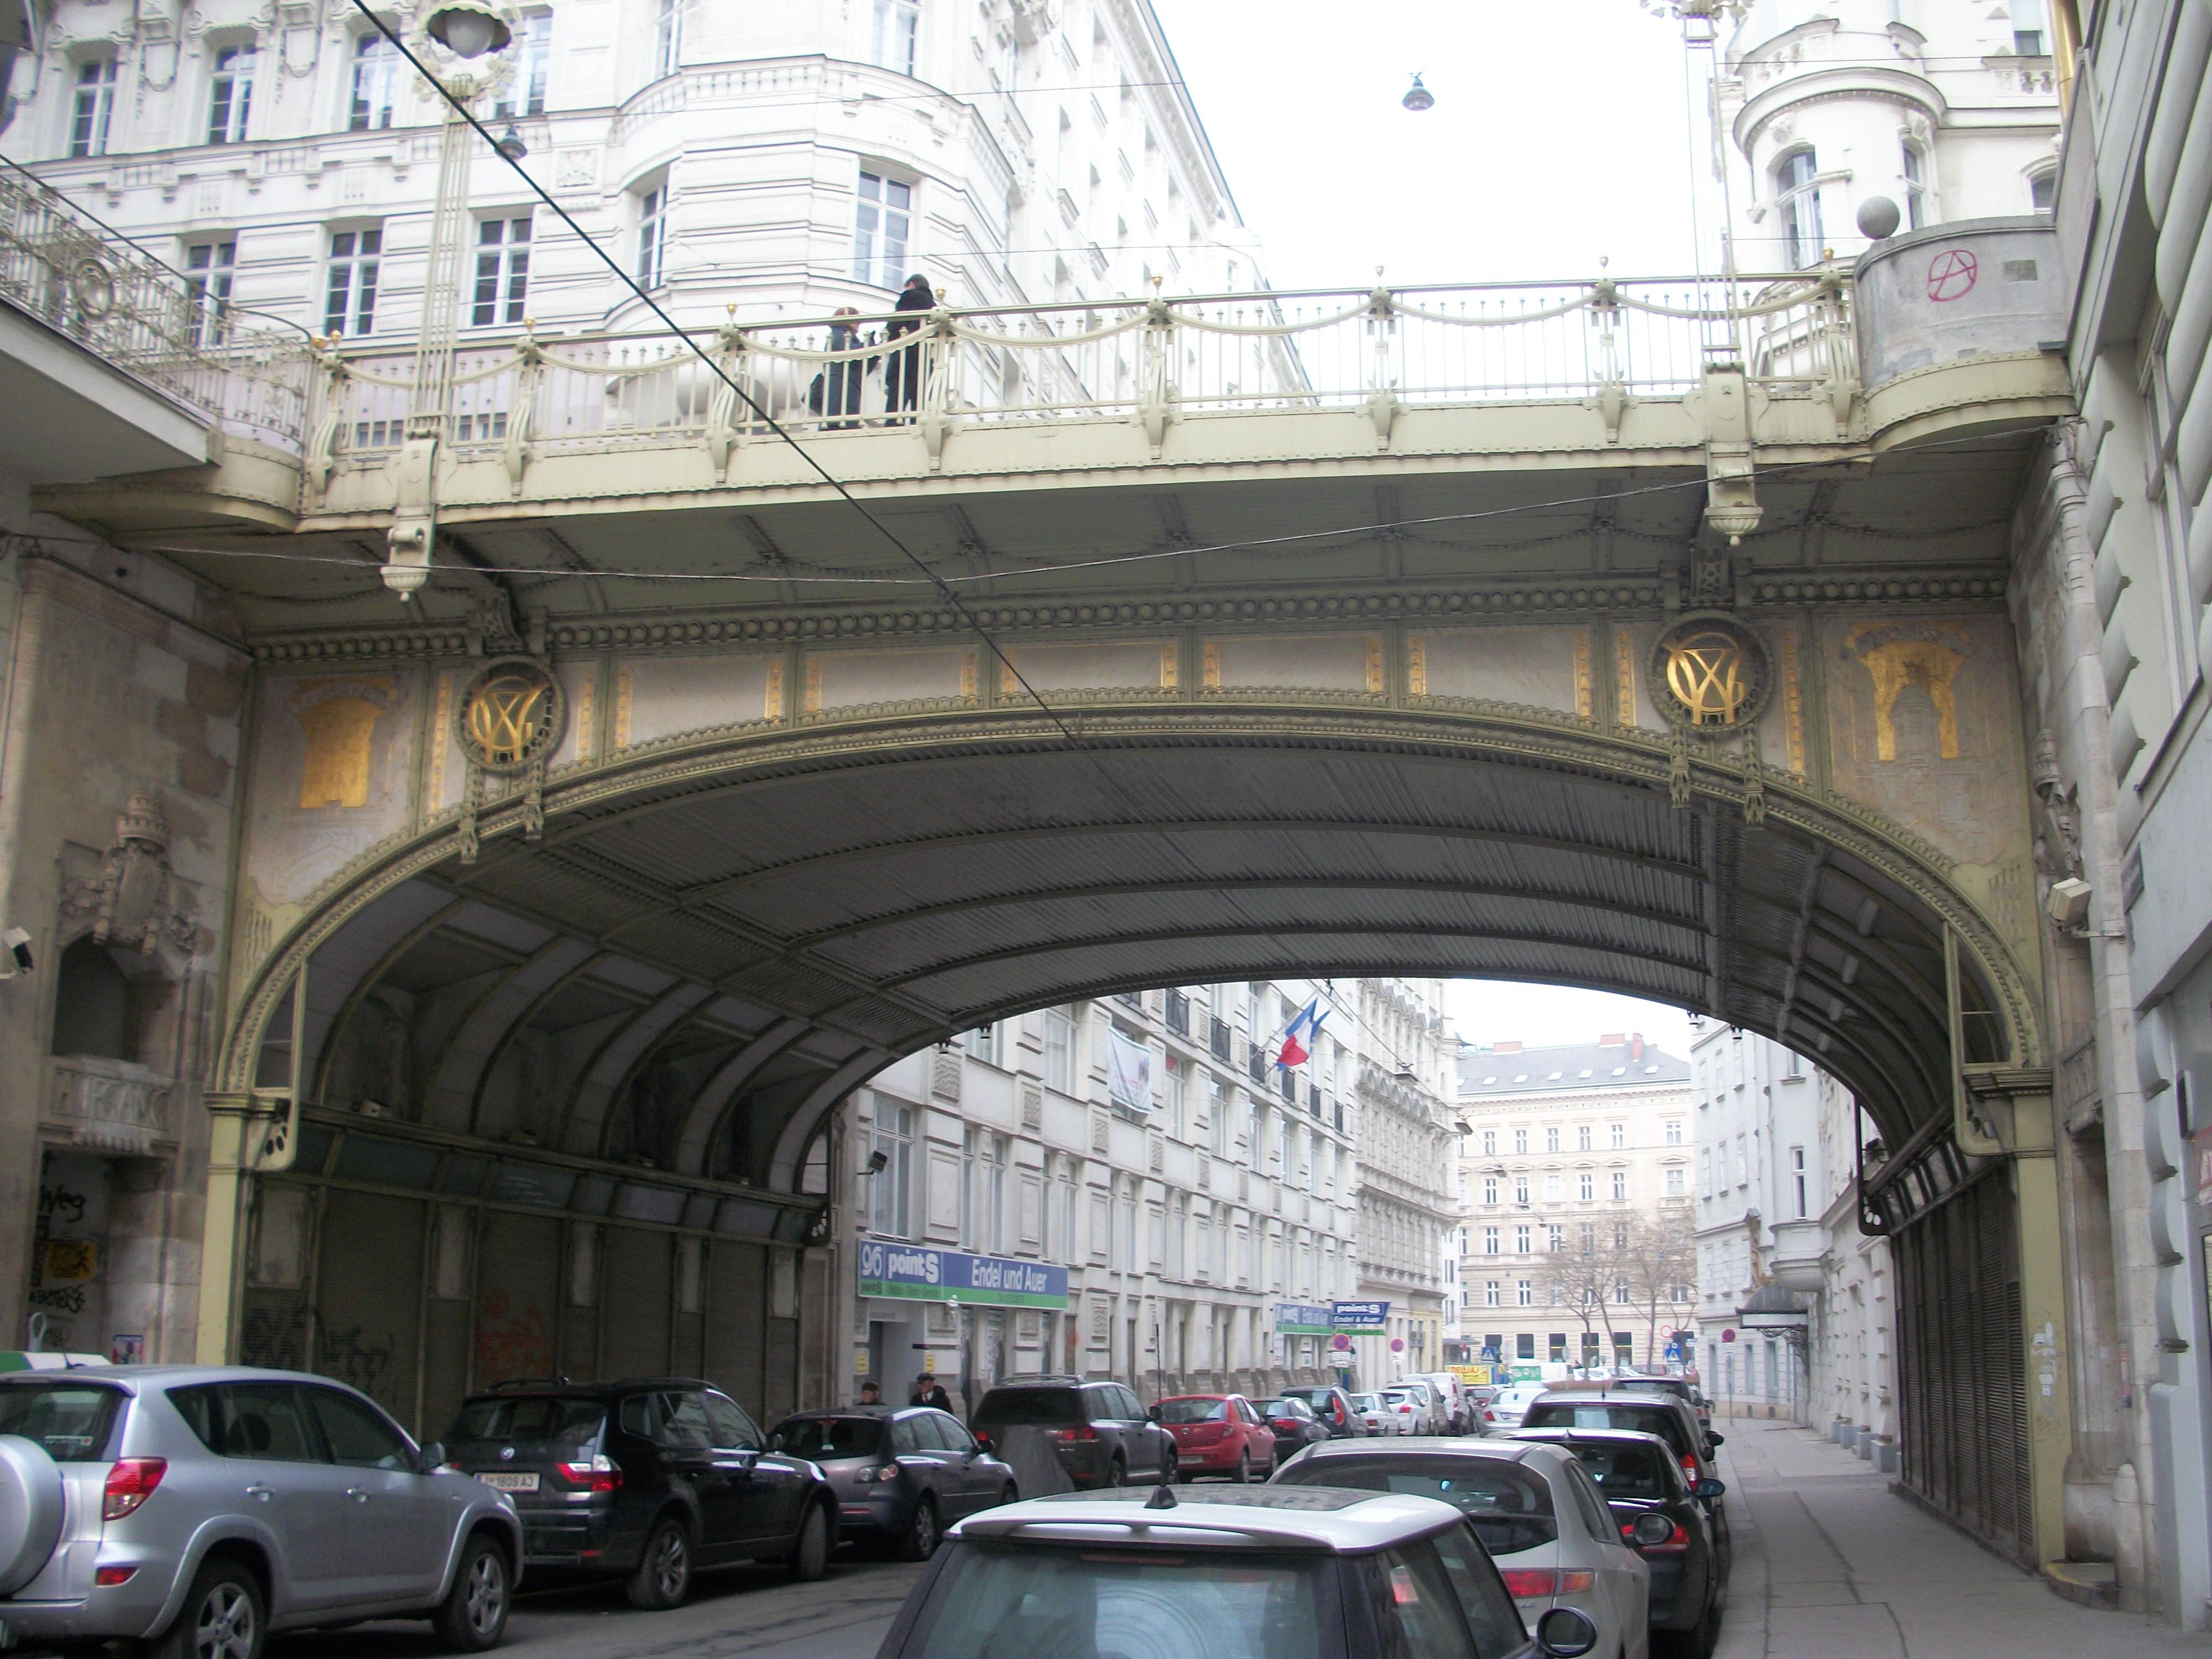 El puente visto desde el Tiefer Graben